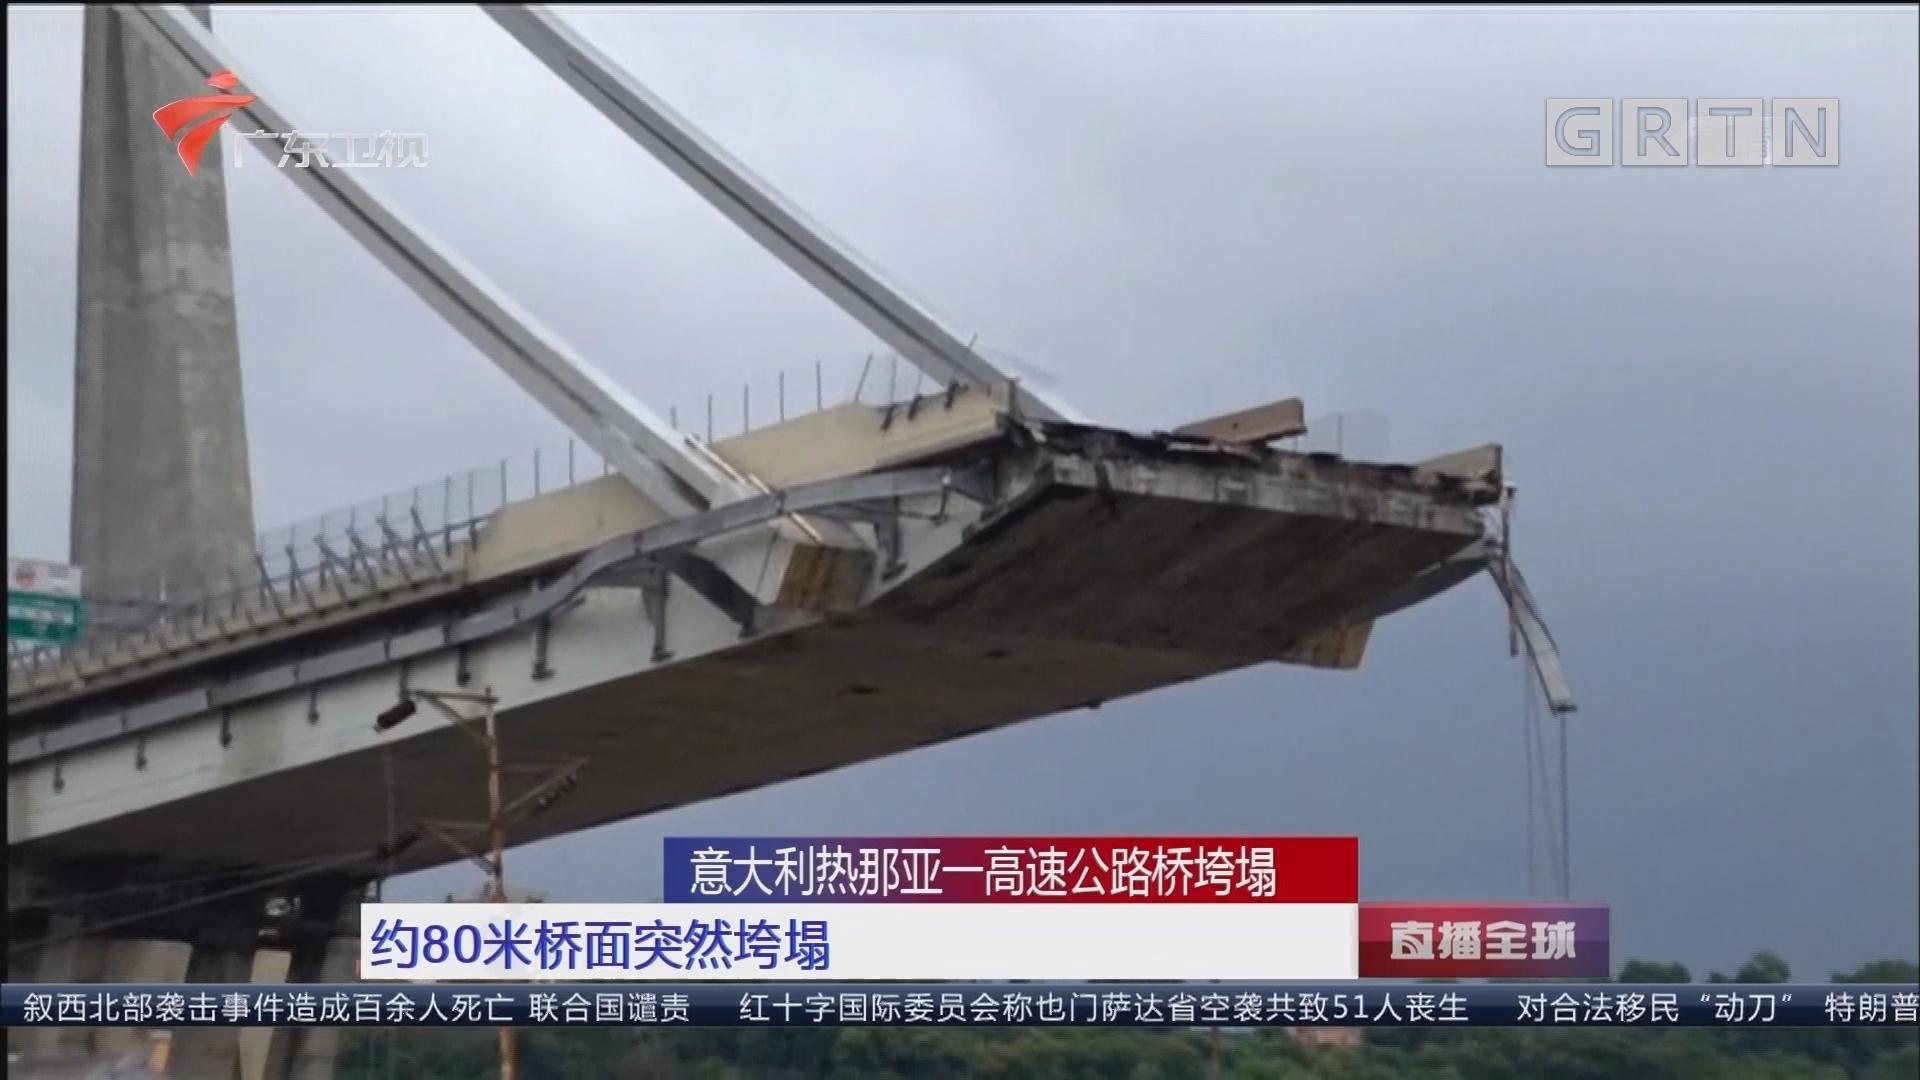 意大利热那亚一高速公路桥垮塌:约80米桥面突然垮塌